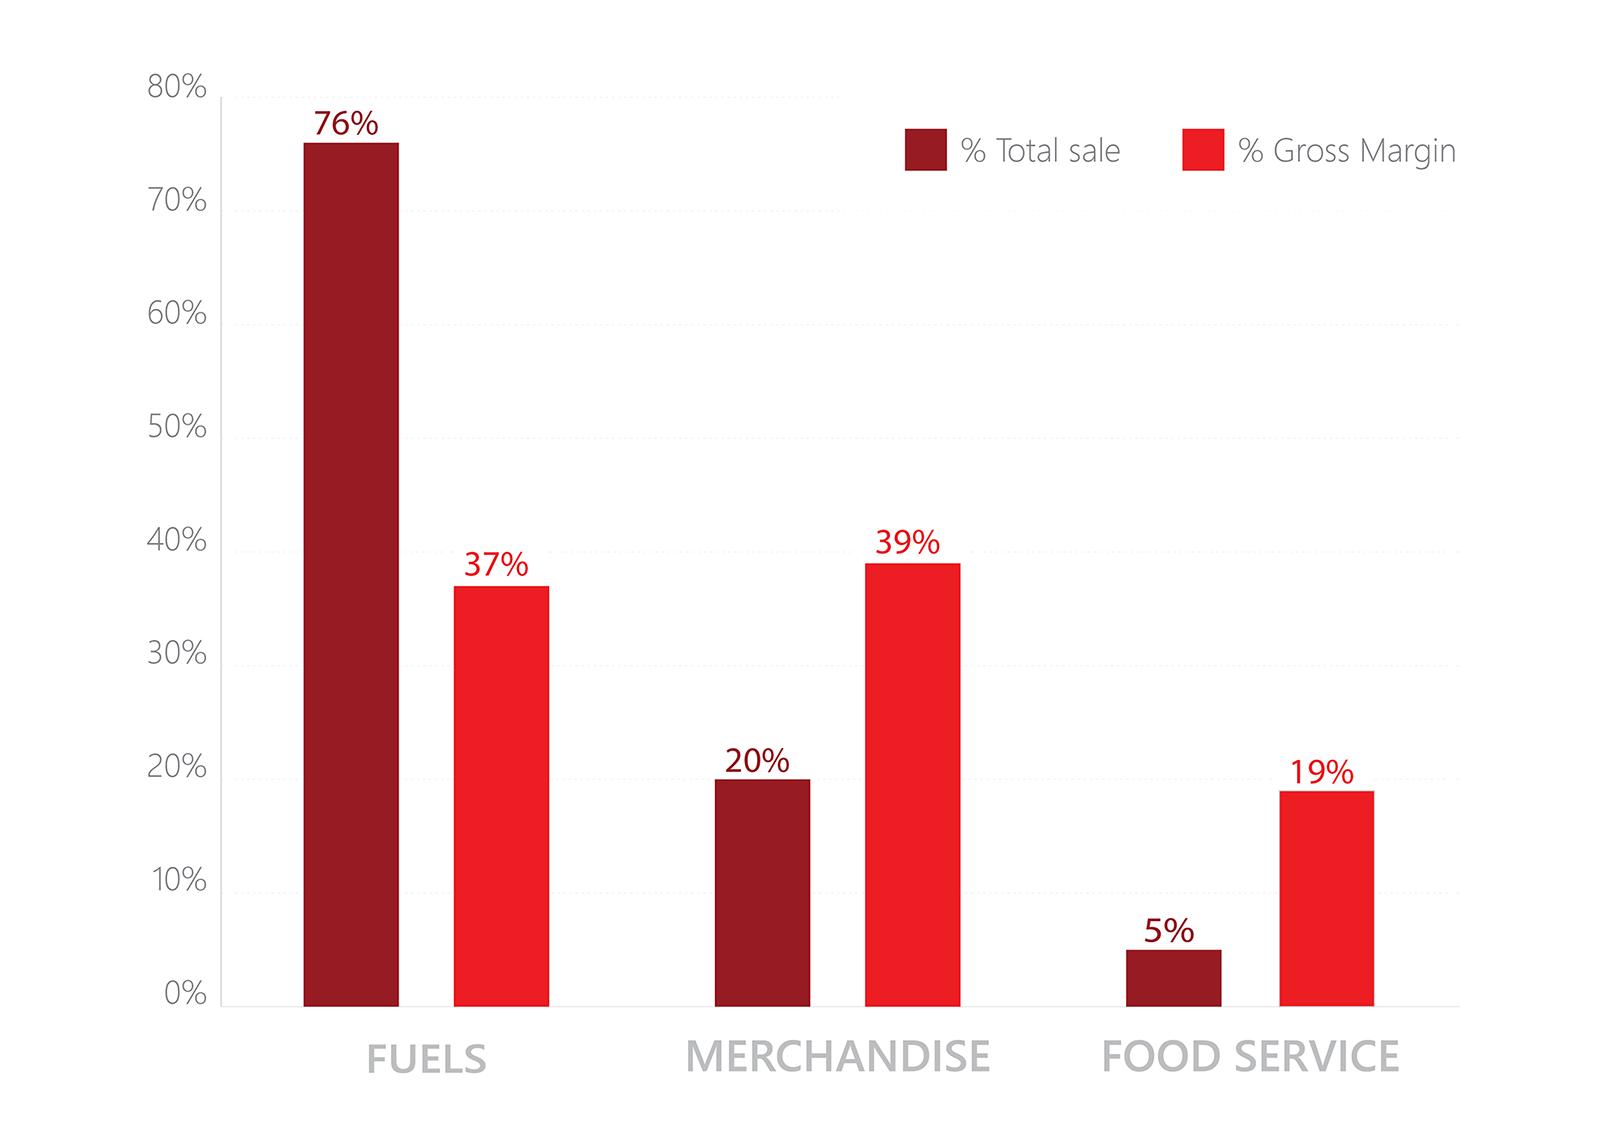 C-Store Sales 2014 (% total sale): Fuels - 76%; Merchandise - 20%; Food Service - 19%.